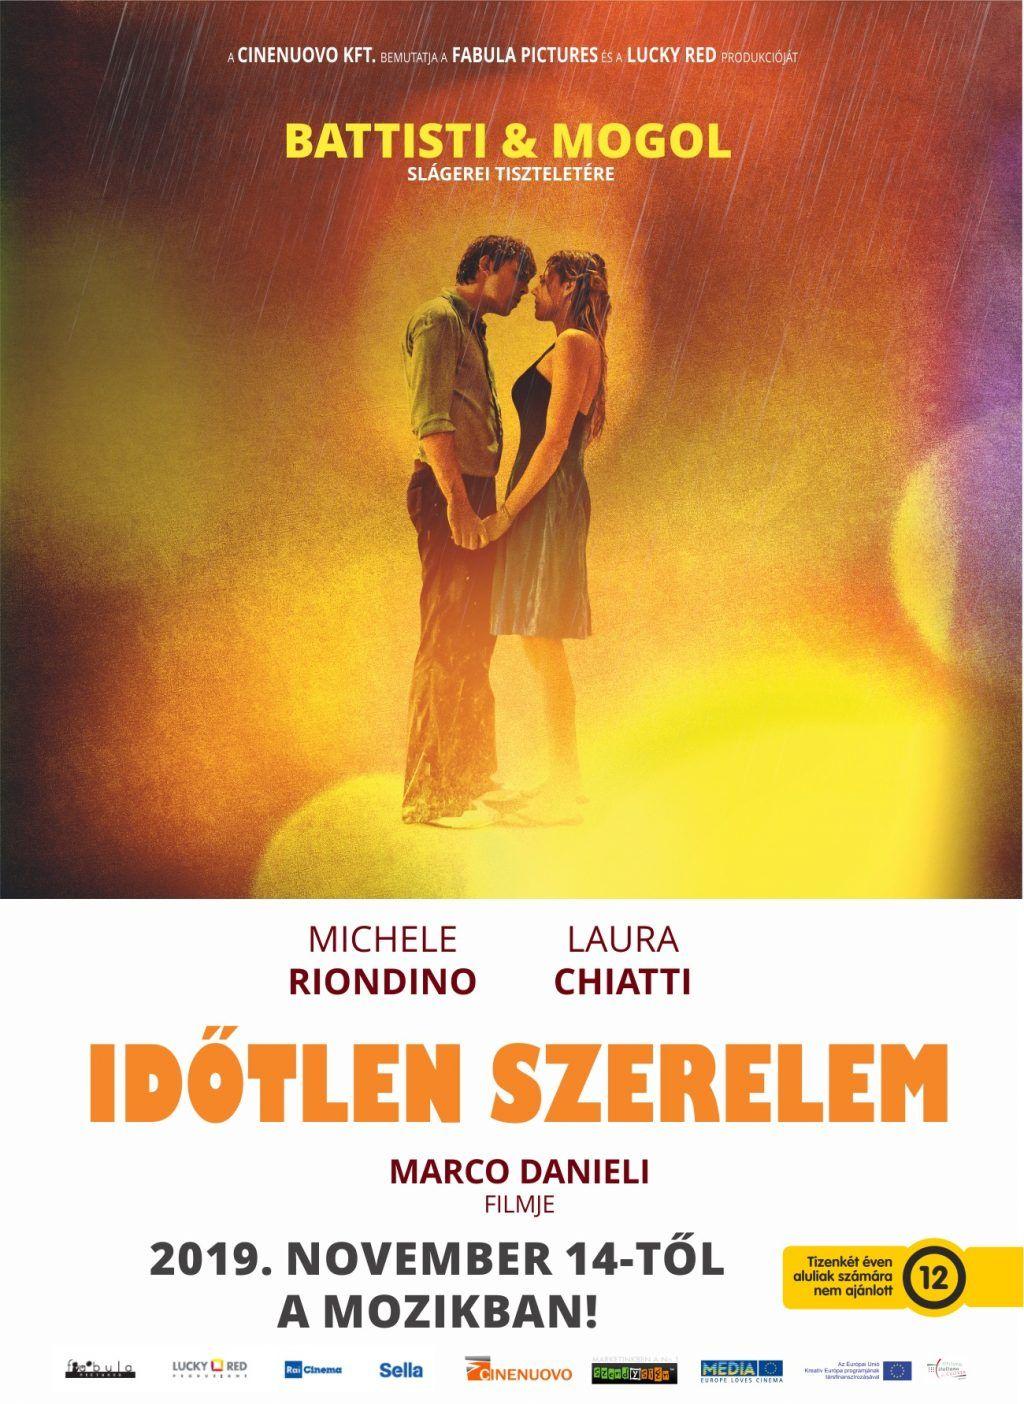 Idotlen Szerelem Un Avventura 2019 Olasz Romantikus Film Film I Movie Movie Posters